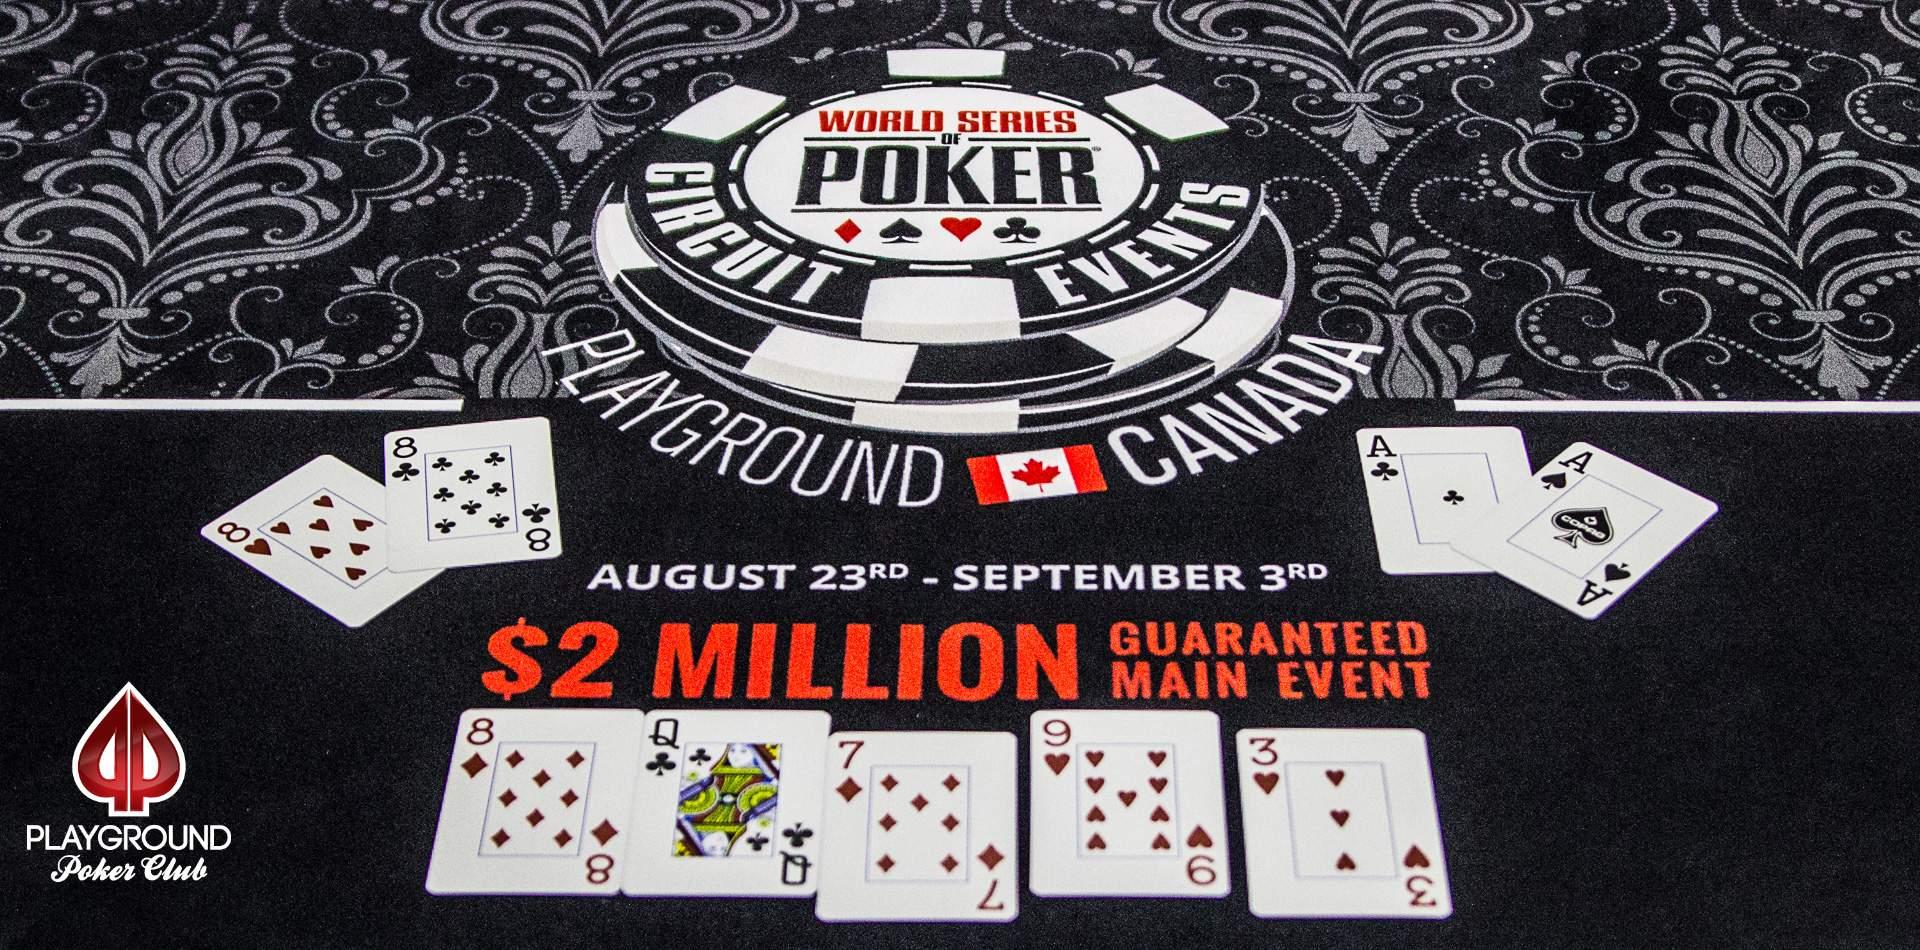 grand mondial casino is it legit